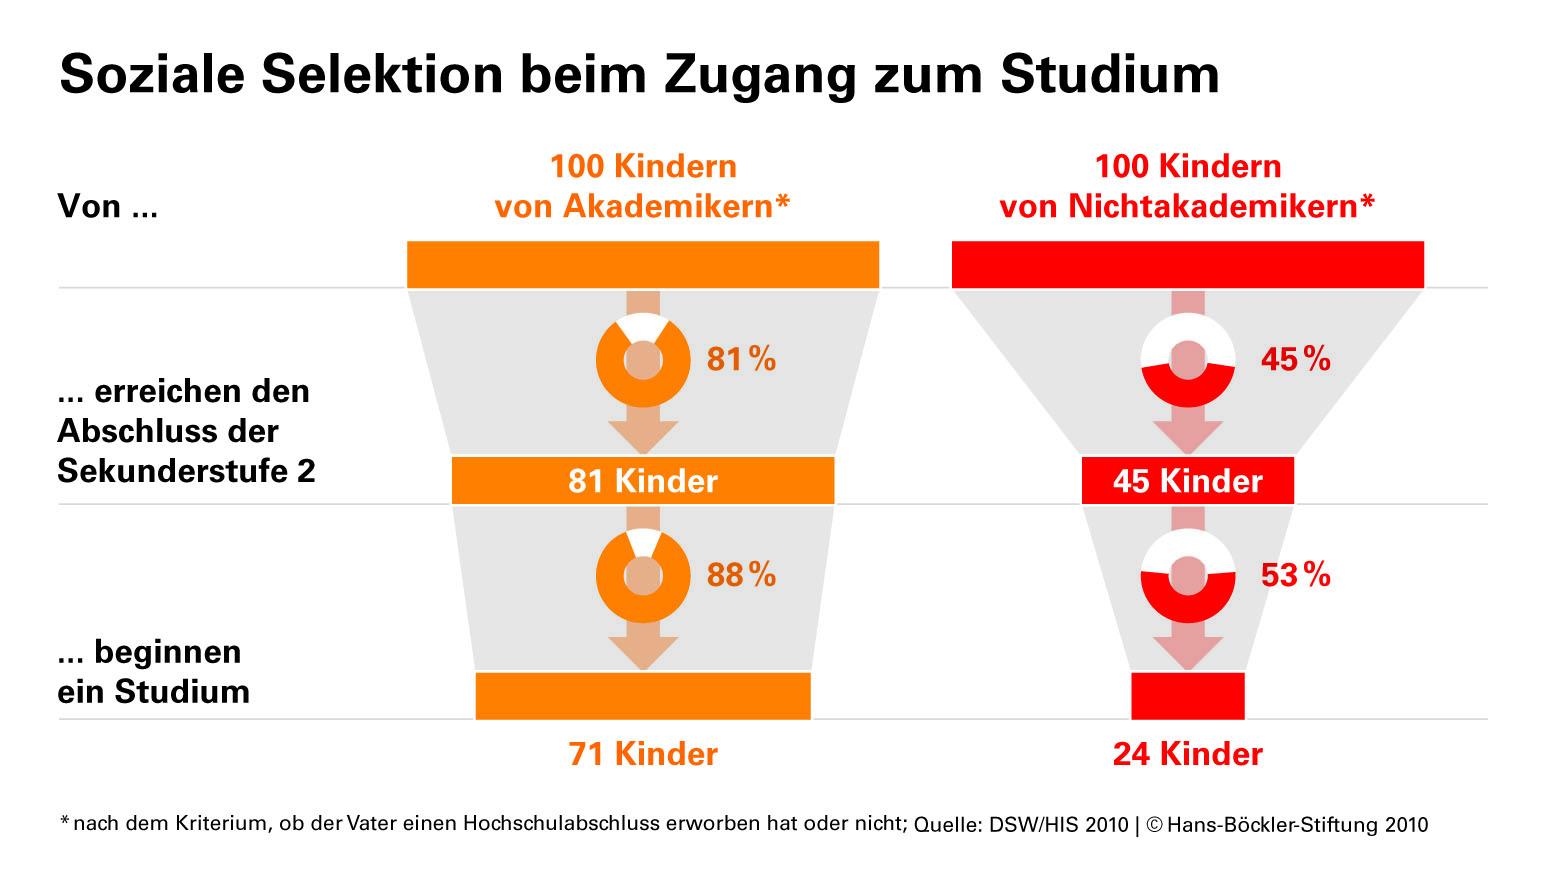 Soziale selektion beim zugang zum studium for Studieren in deutschland